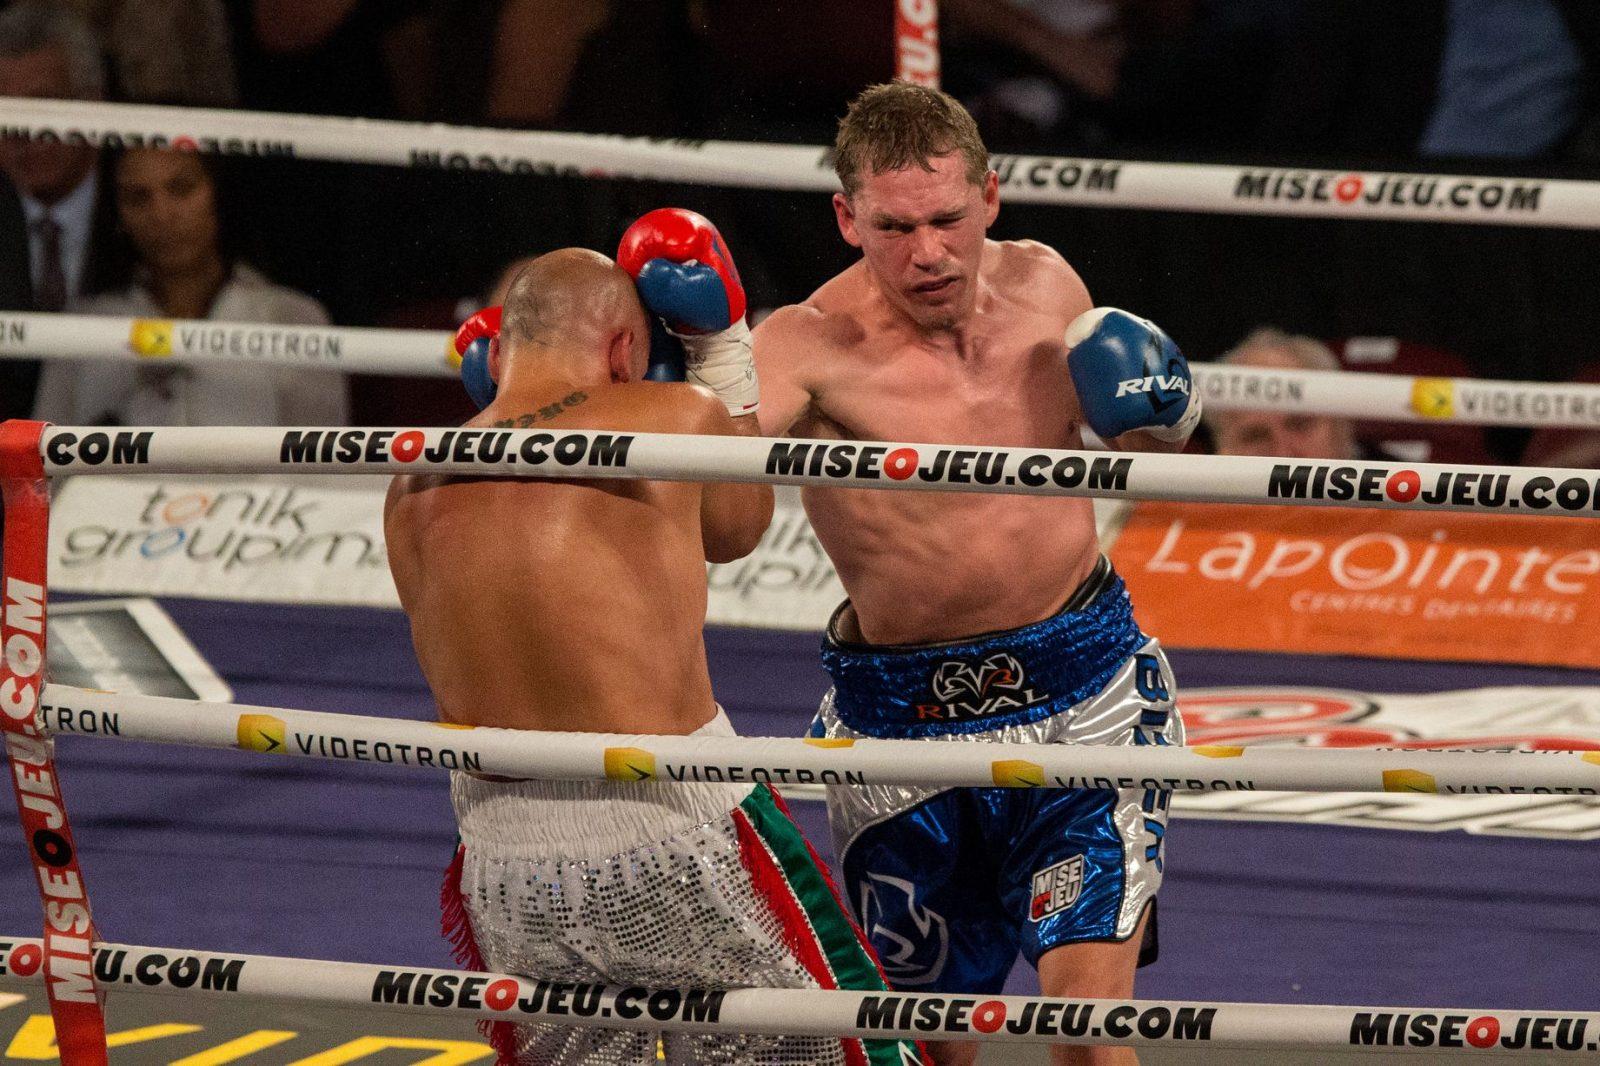 Le blogue de Richard Cloutier : www.boxe-o-rama.com